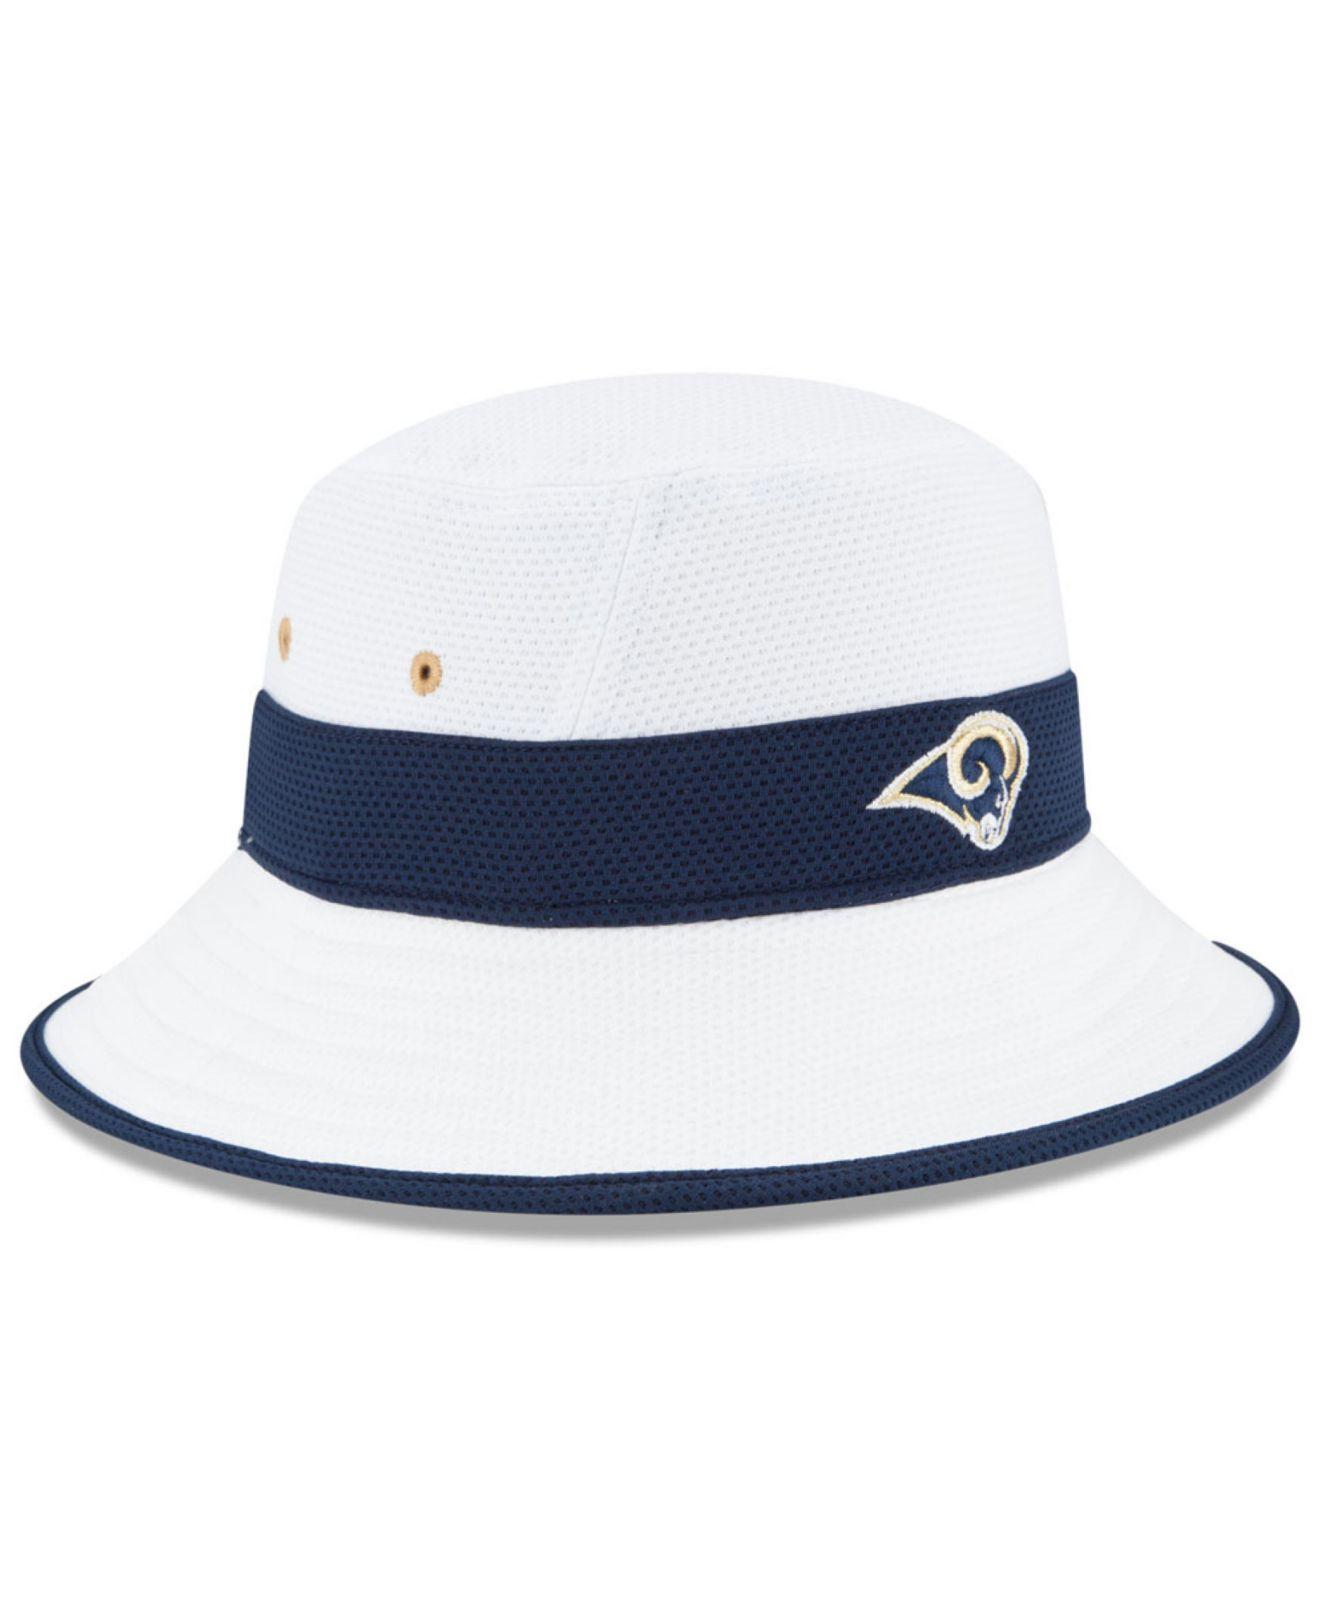 e24b039176d Lyst - KTZ Los Angeles Rams Training Camp Reverse Bucket Hat in ...